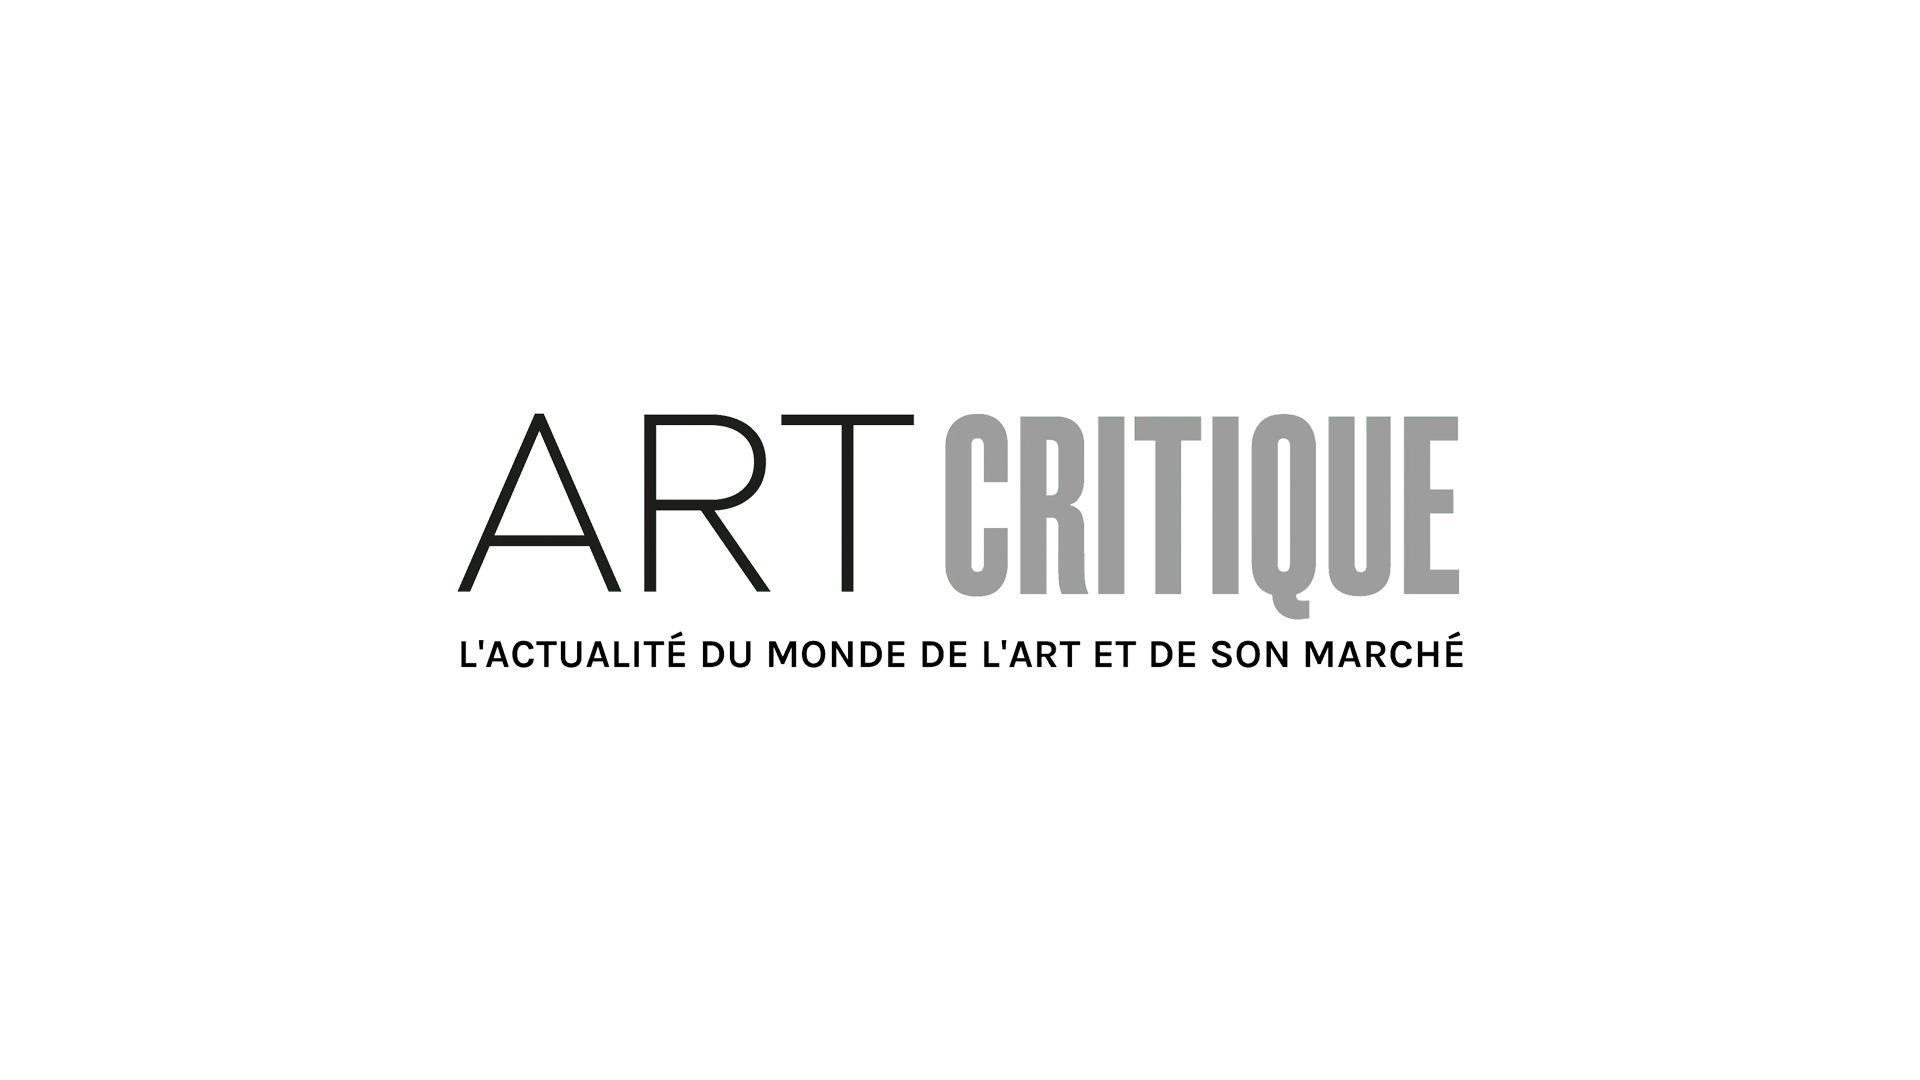 Romamor: Anne and Patrick Poirier return to the Villa Medici